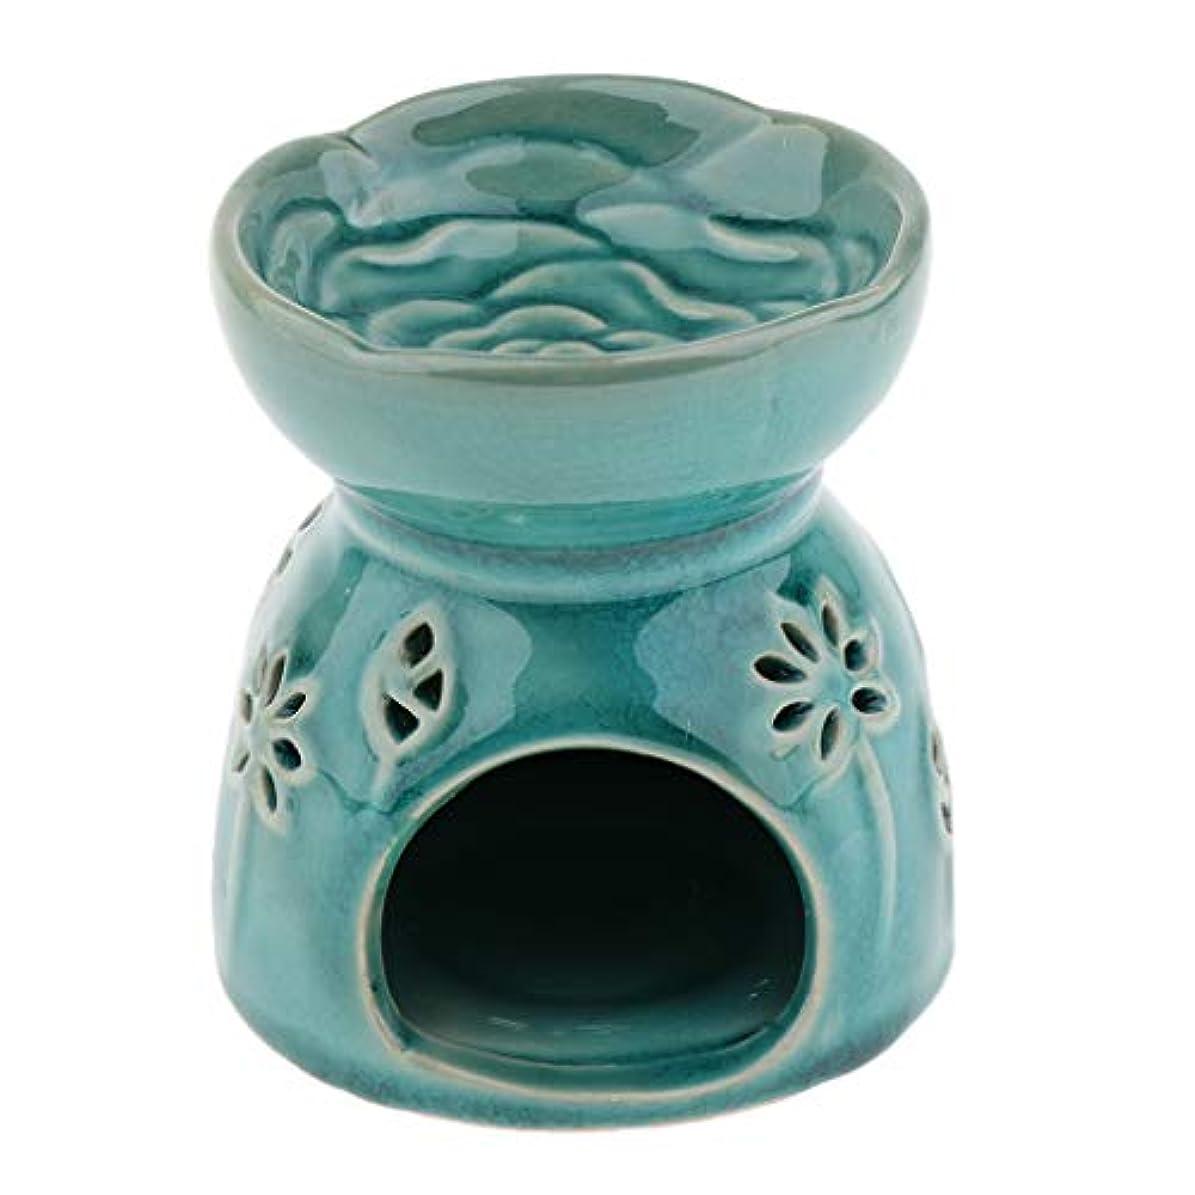 一般的な野球不条理Perfeclan 全2色 アロマディフューザー エッセンシャルオイルディフューザー バーナー 陶器 置物 インテリア - 青